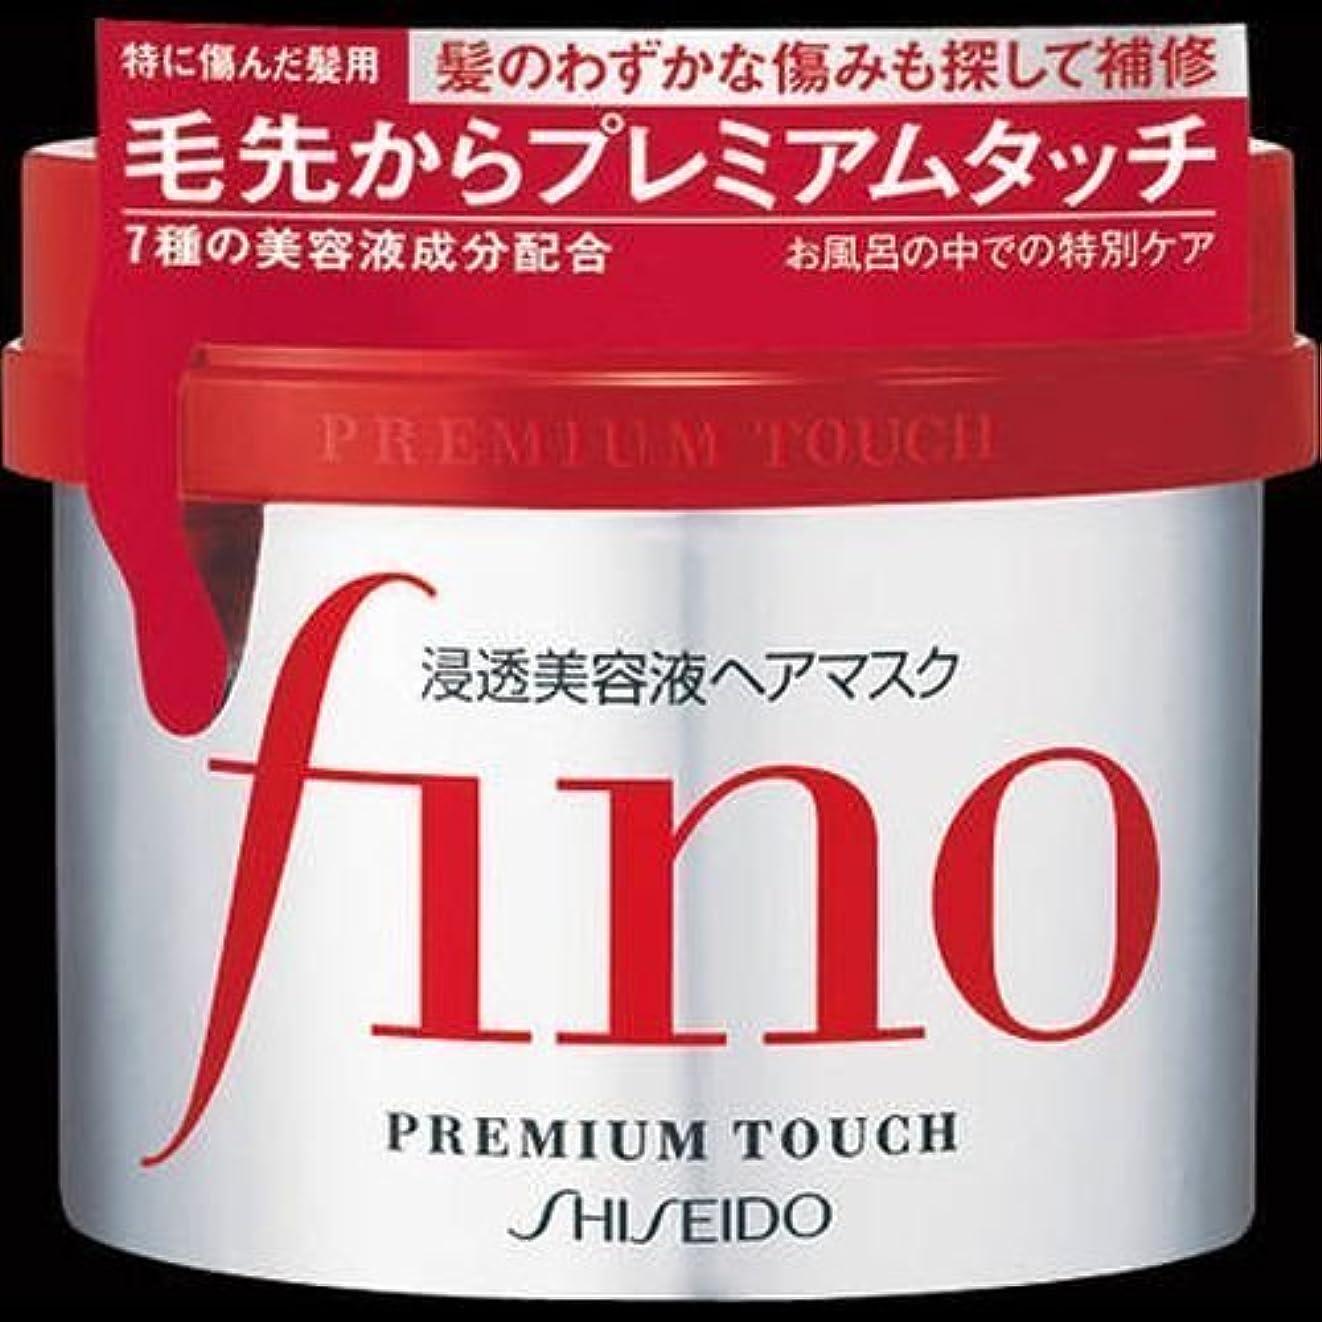 バクテリアエクスタシー傑出した【まとめ買い】フィーノ プレミアムタッチ 浸透美容液 ヘアマスク 230g ×2セット